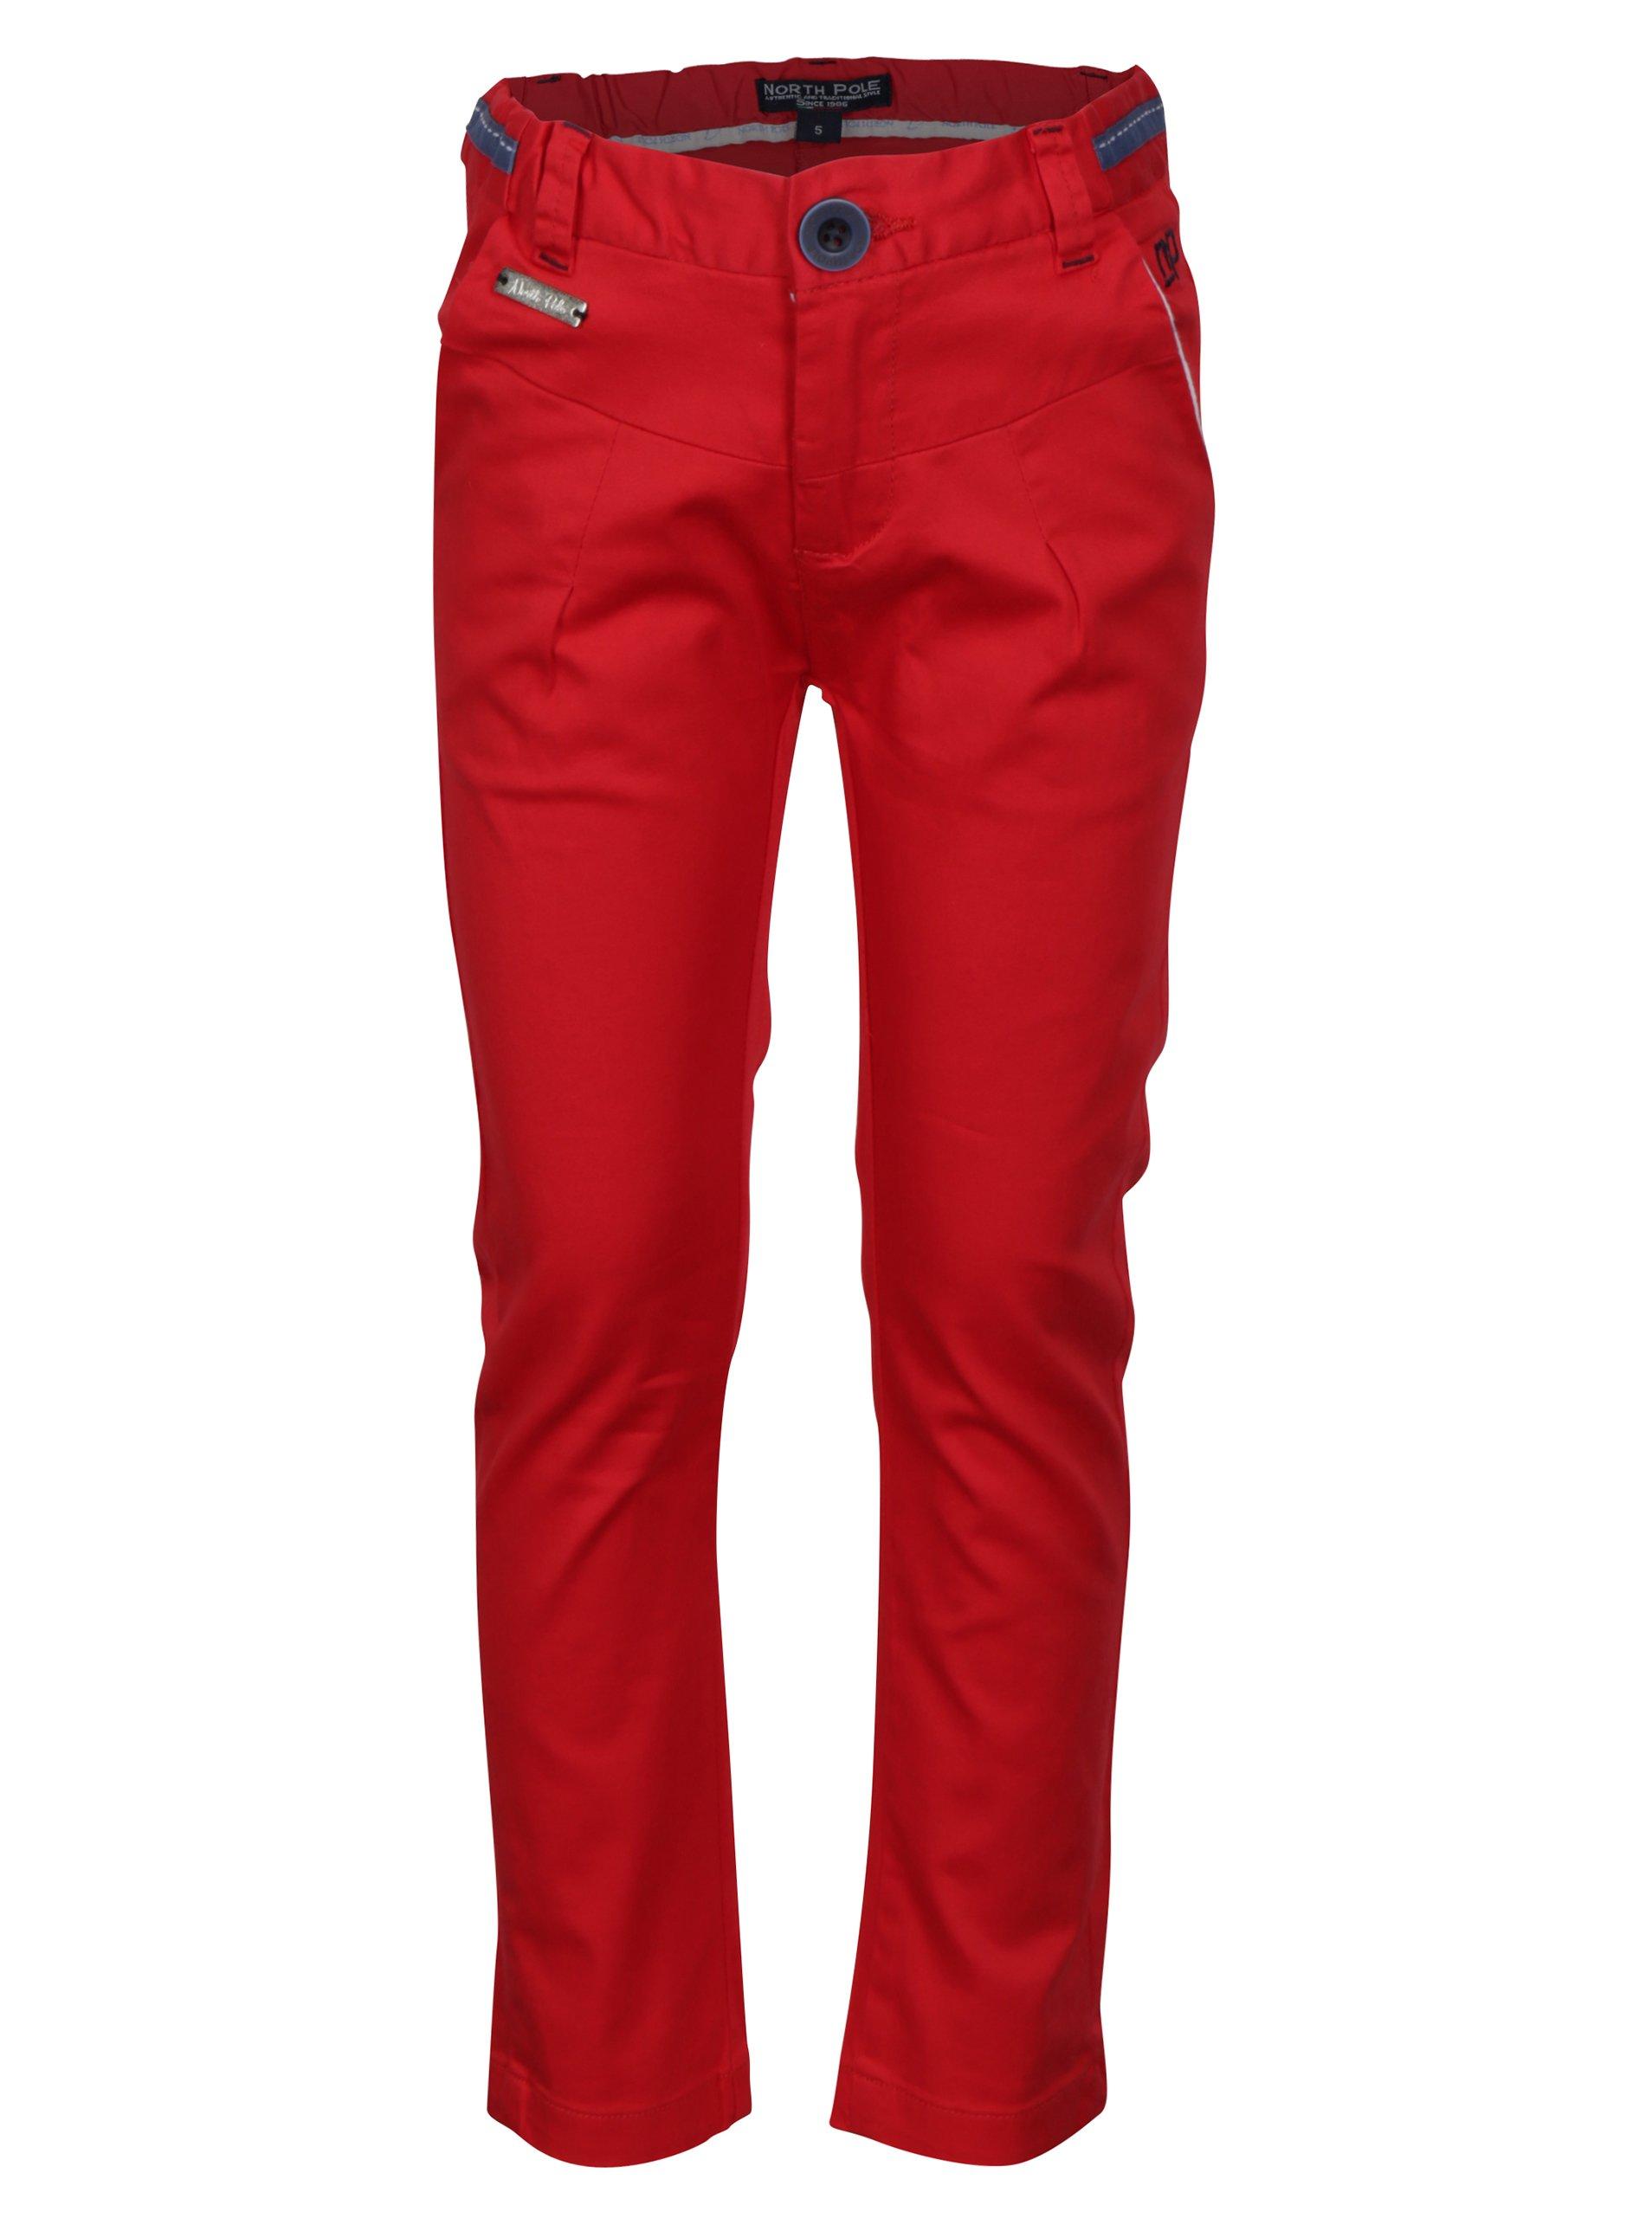 Červené klučičí kalhoty North Pole Kids